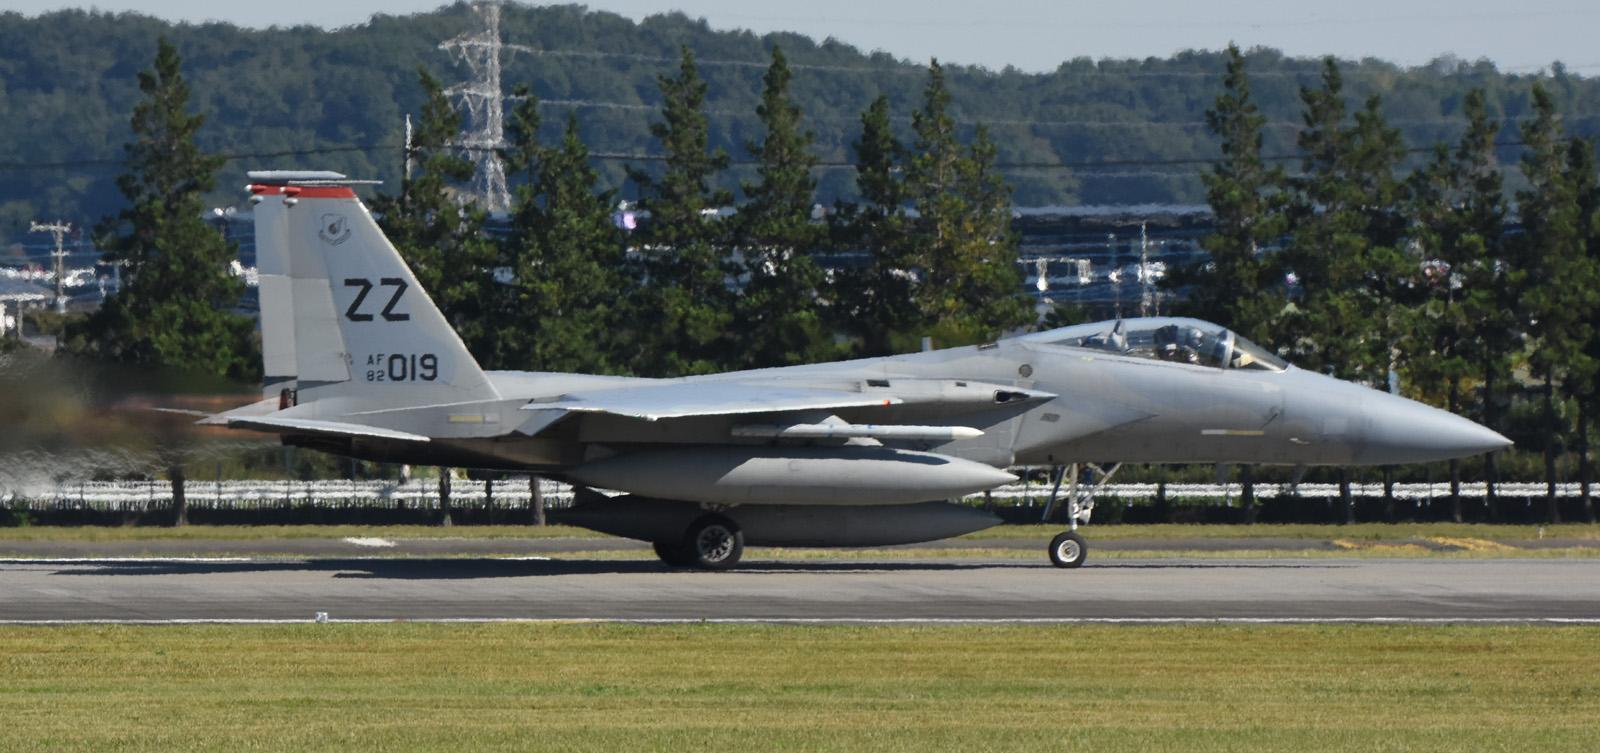 F15c161026g652